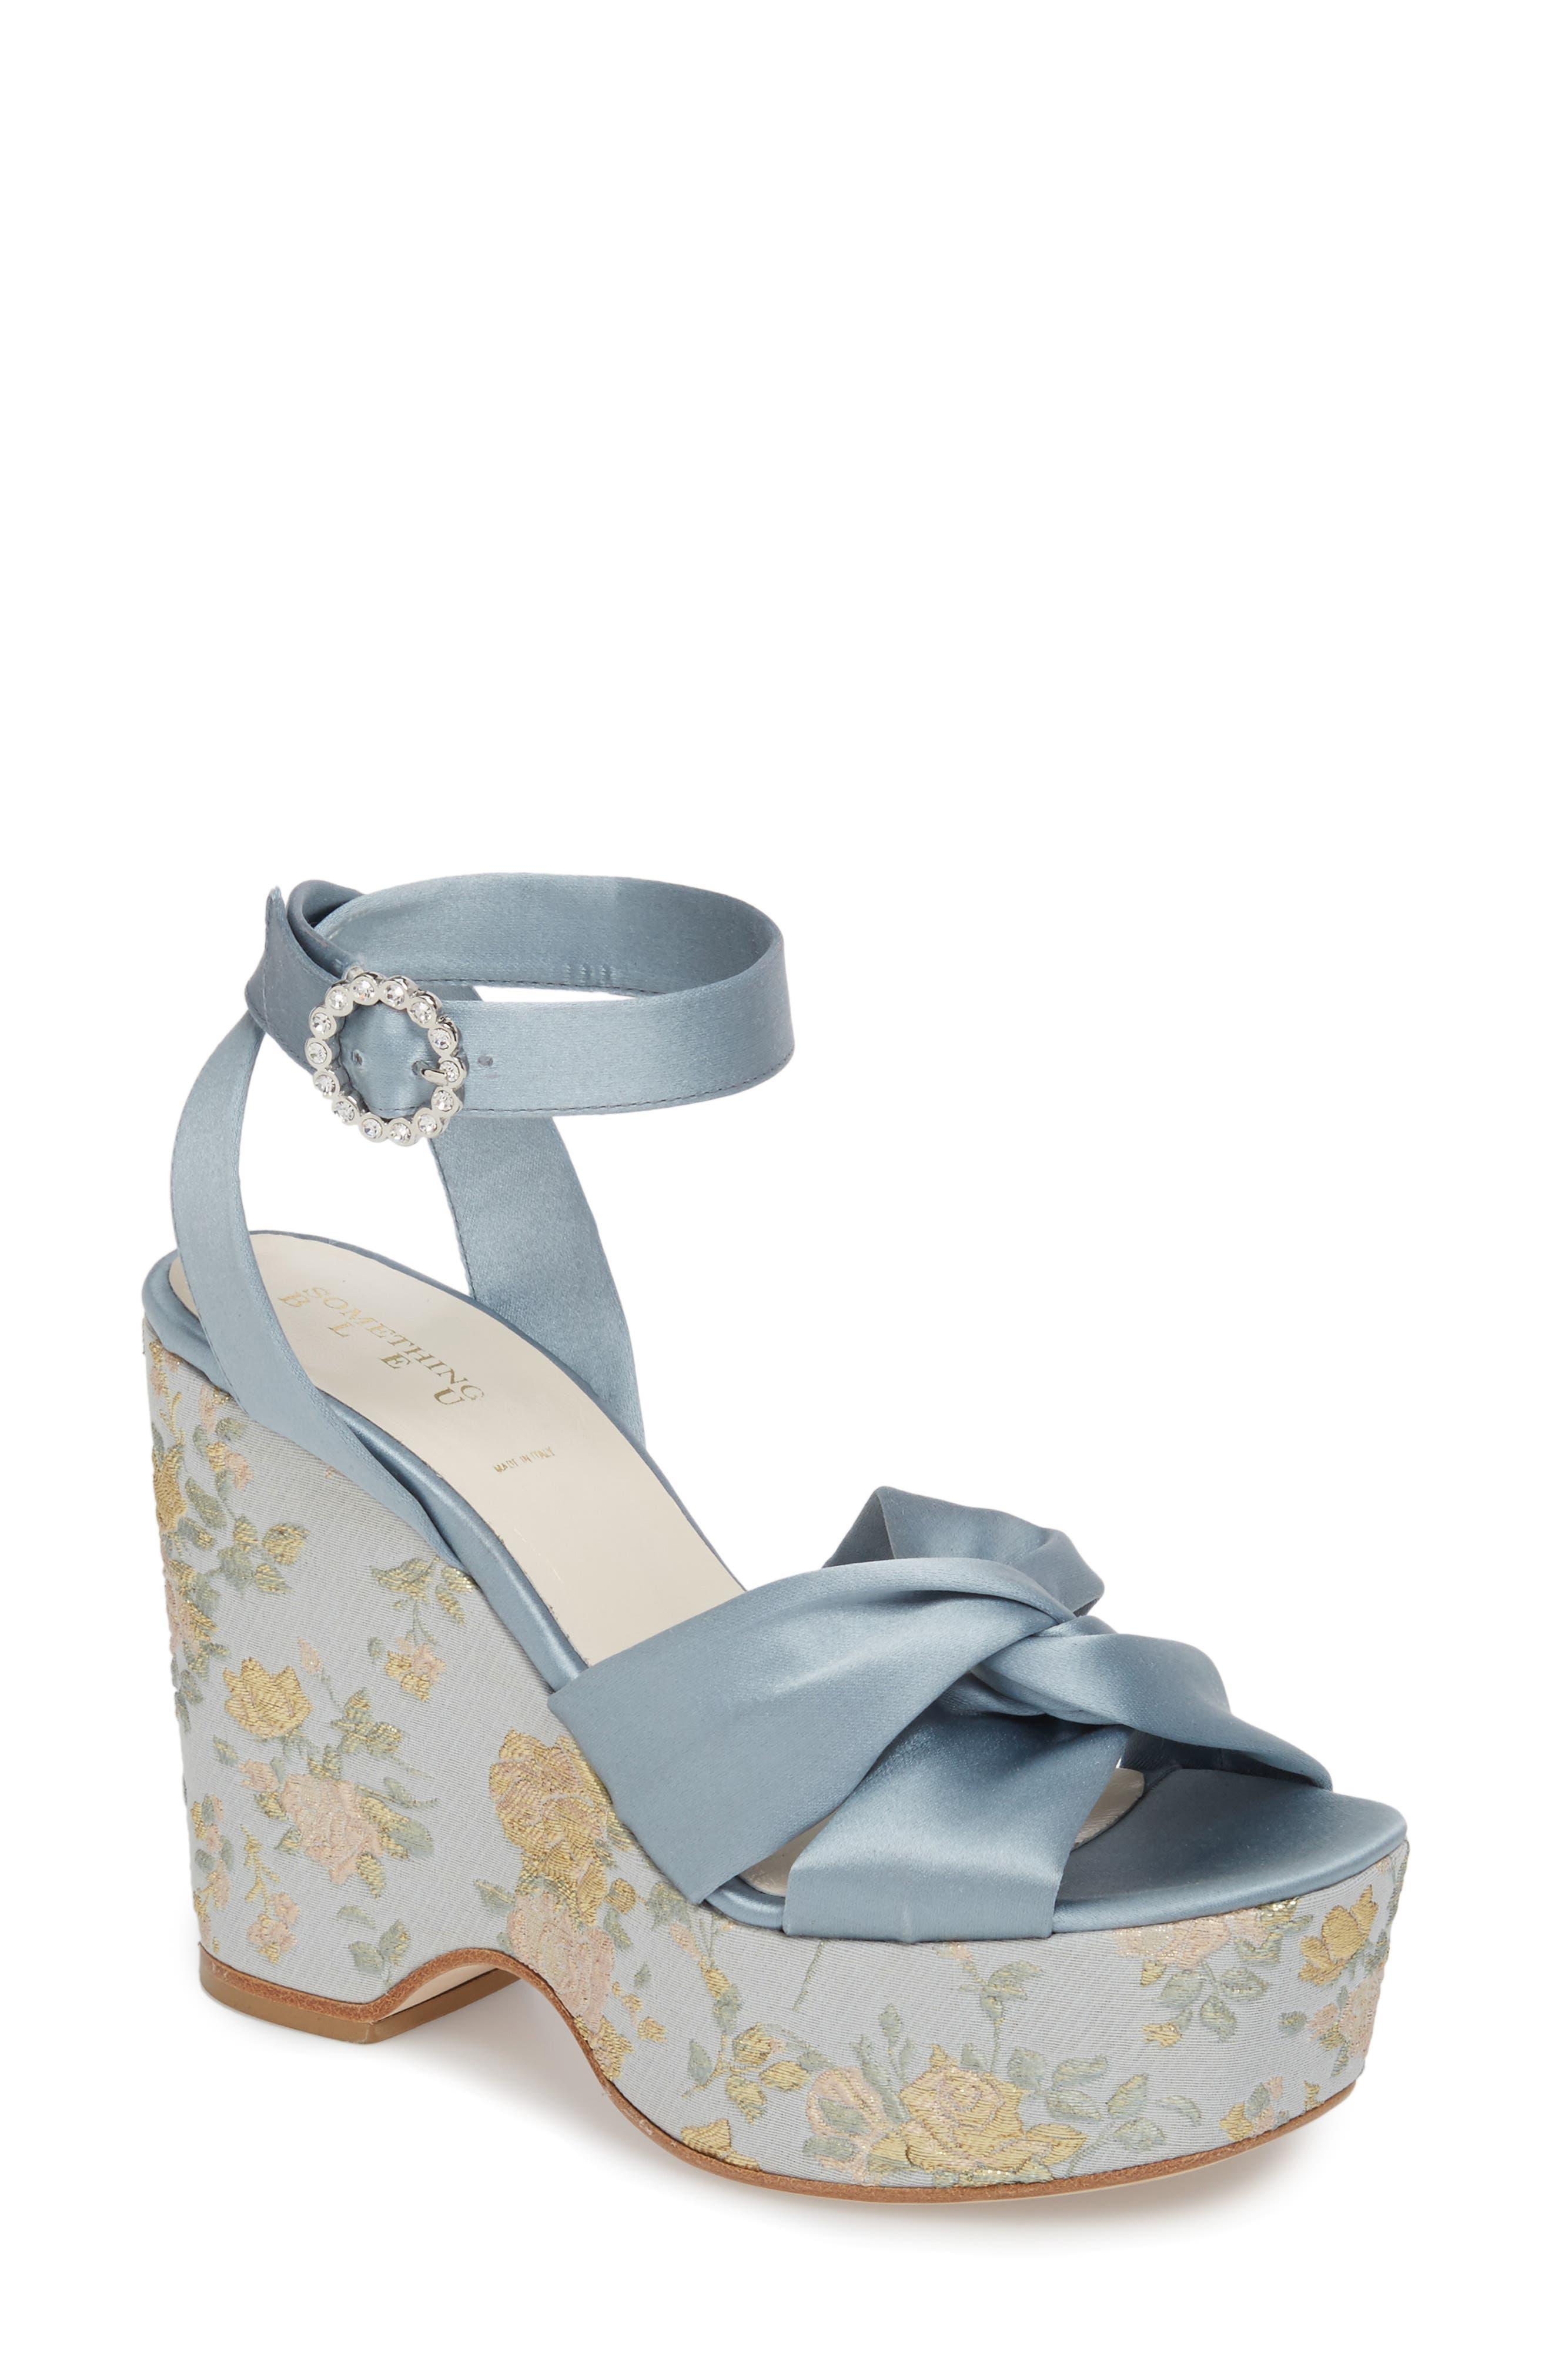 Serena Brocade Platform Sandal,                             Main thumbnail 1, color,                             Pearl Blue Satin